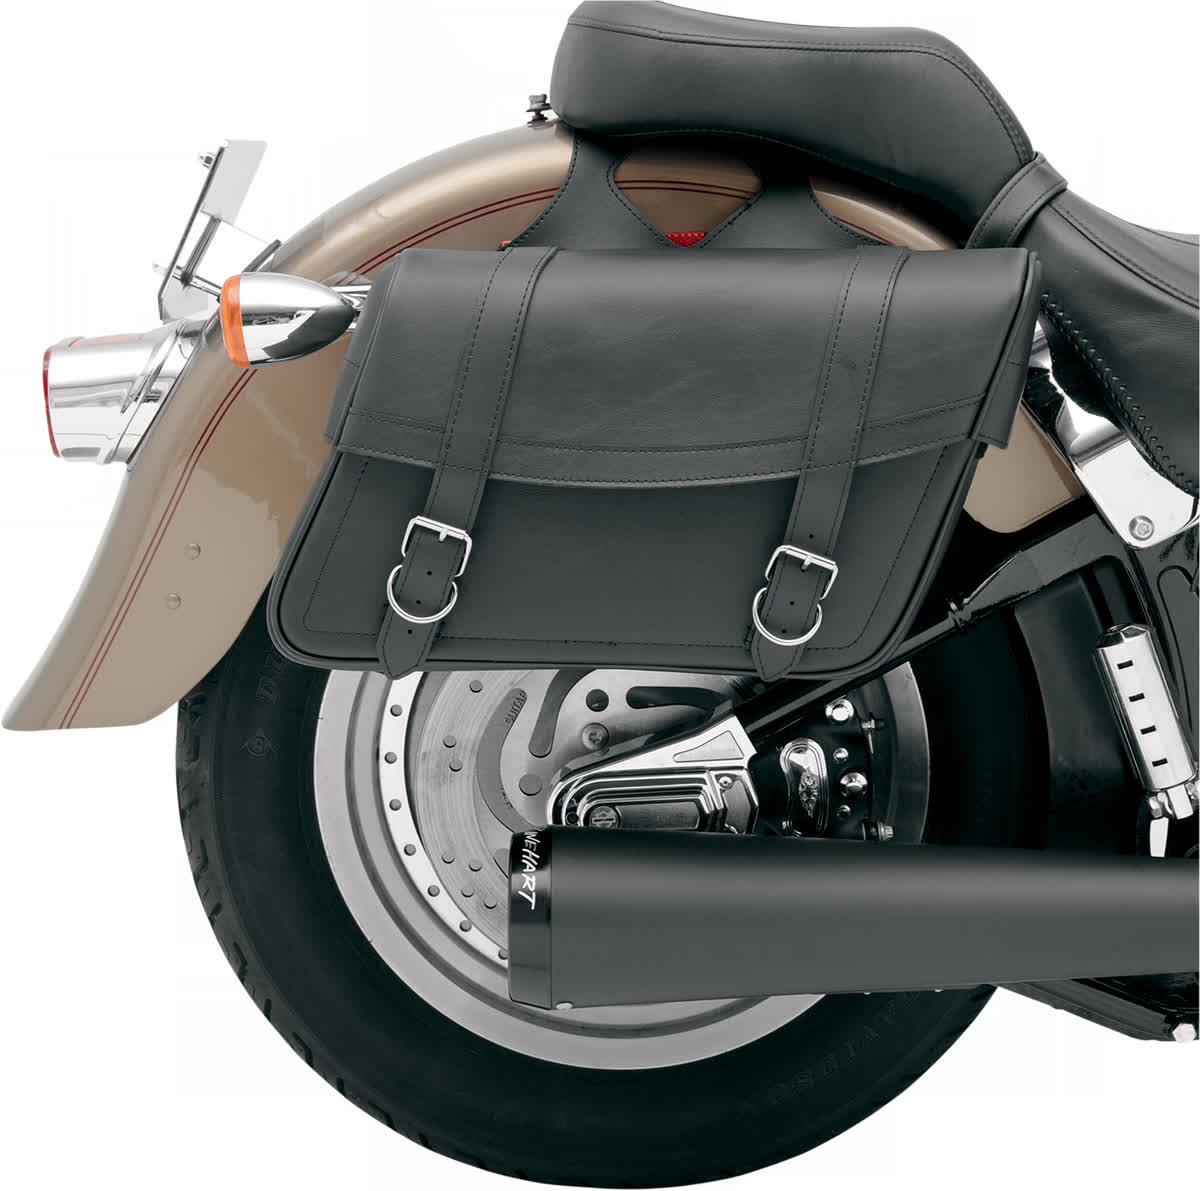 Saddlemen X021-02-040 Highwayman Slant-Style Saddlebag